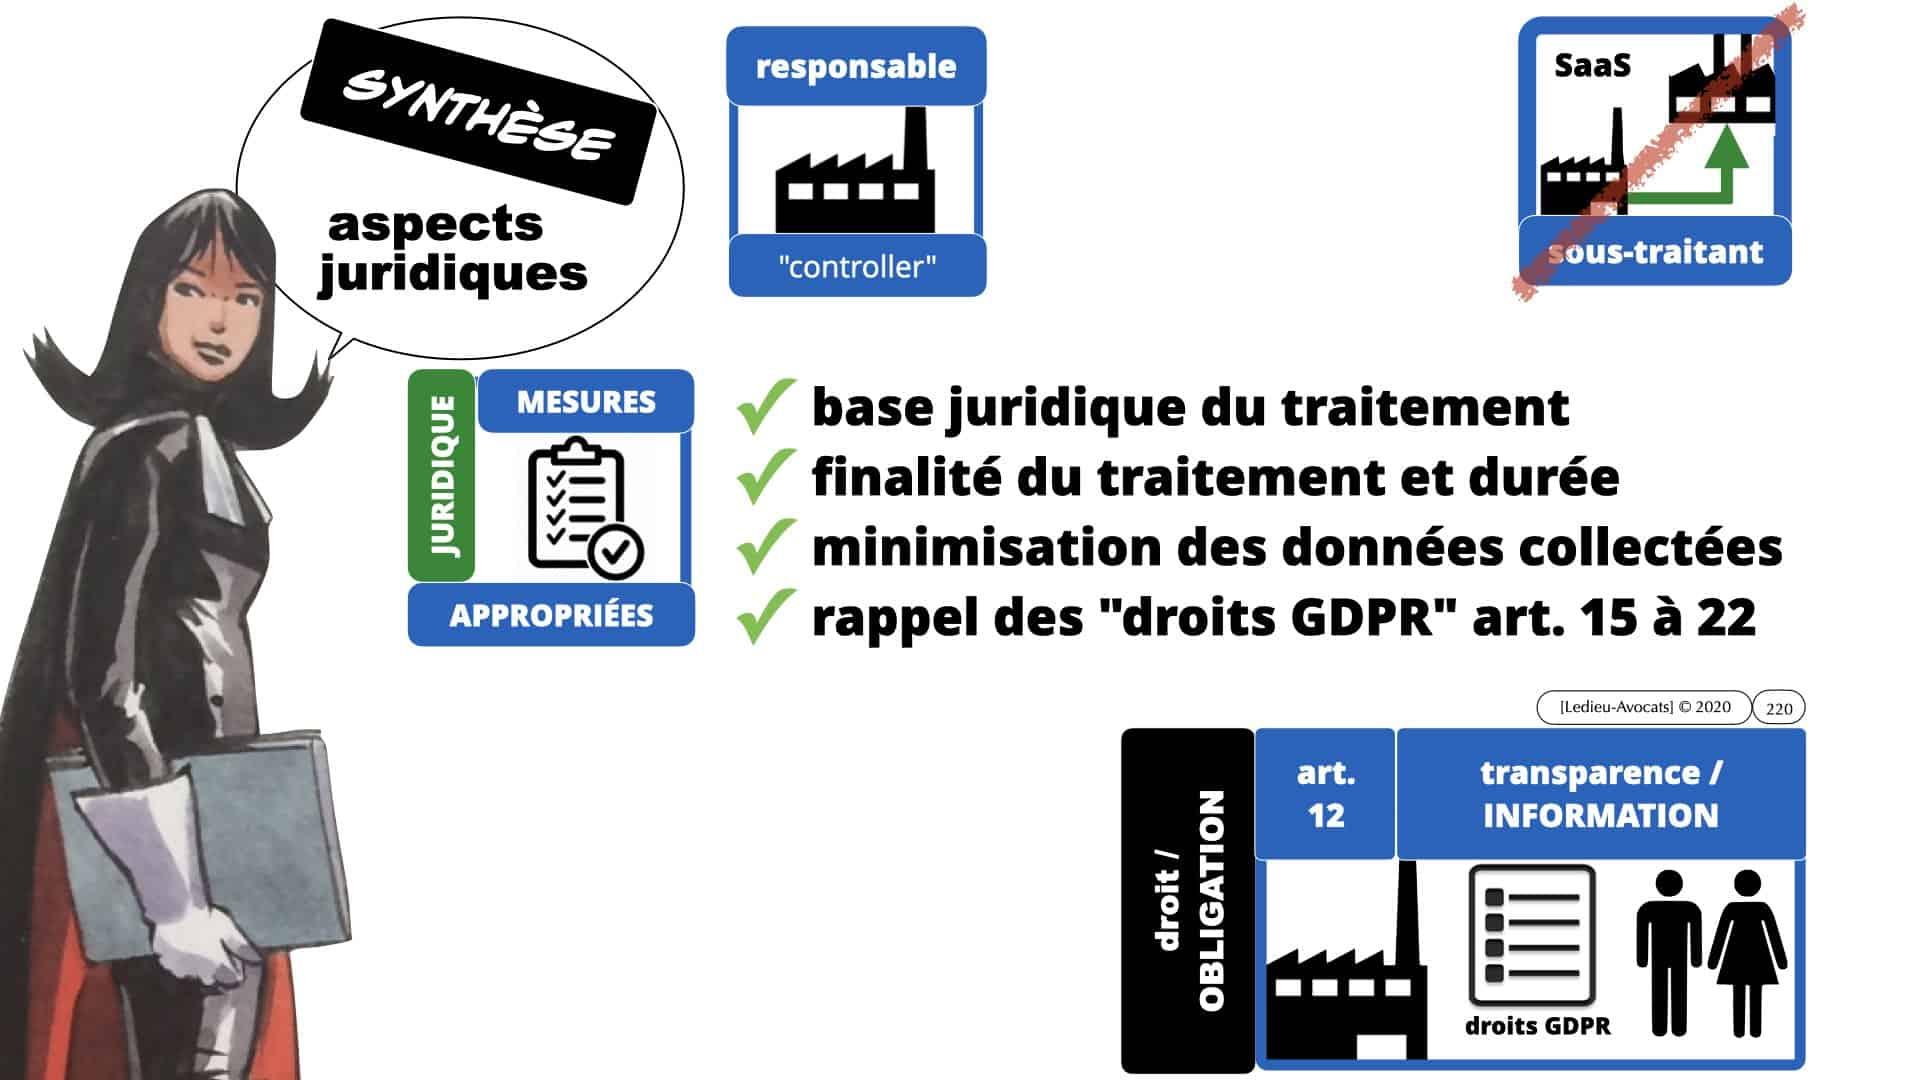 RGPD e-Privacy données personnelles jurisprudence formation Lamy Les Echos 10-02-2021 ©Ledieu-Avocats.220